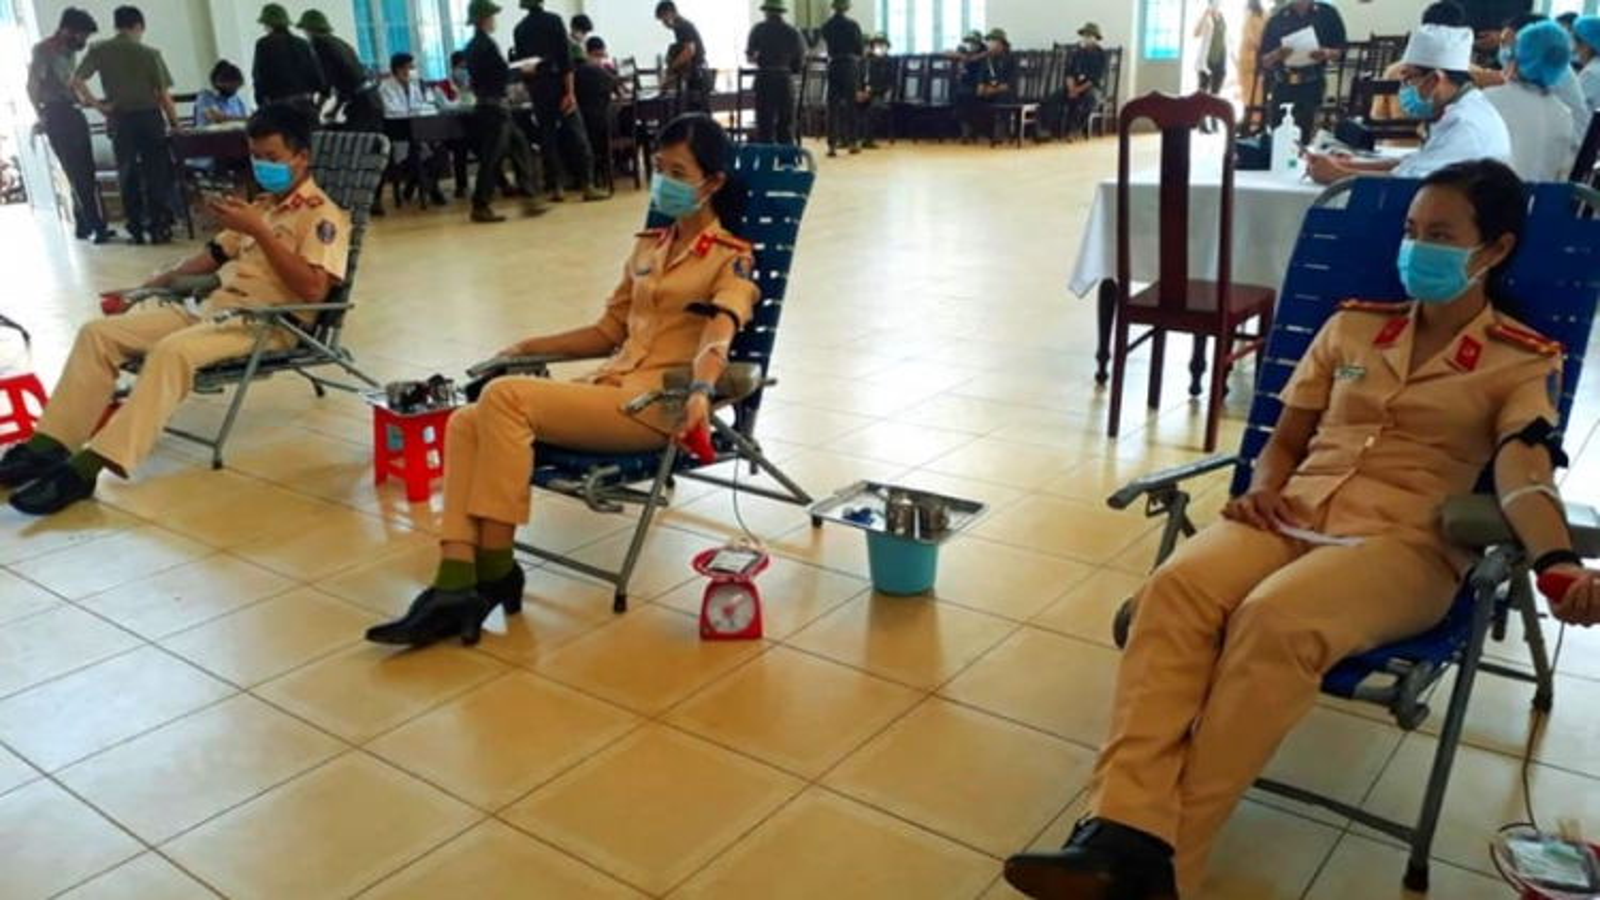 Hơn 1.700 đơn vị máu tình nguyện trong tháng cách ly tại Đắk Lắk